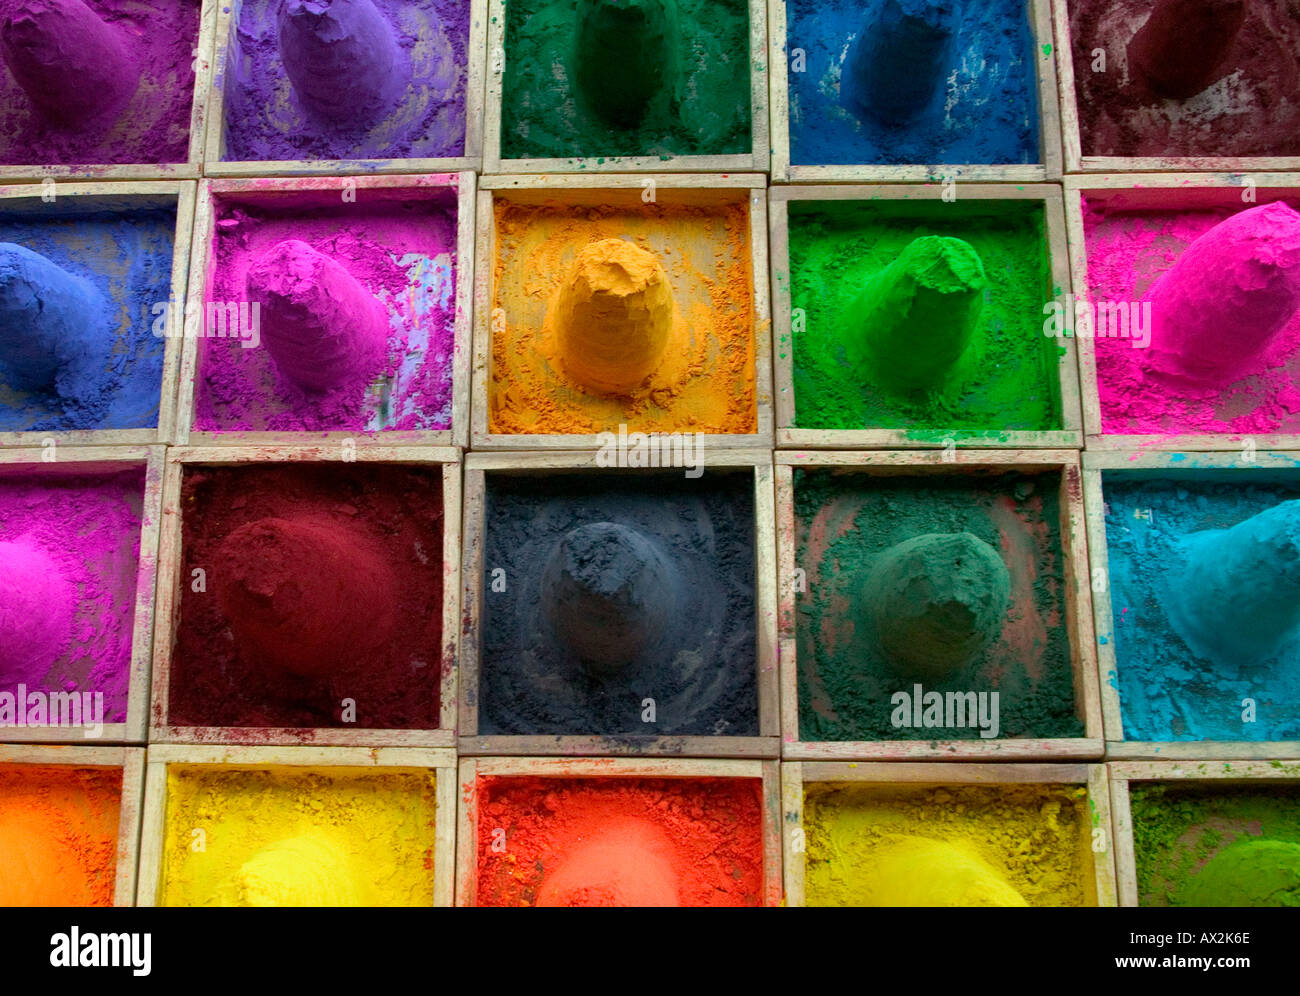 Verkauf von Farbpulver am Markt Pushkar Rajasthan Indien Stockbild